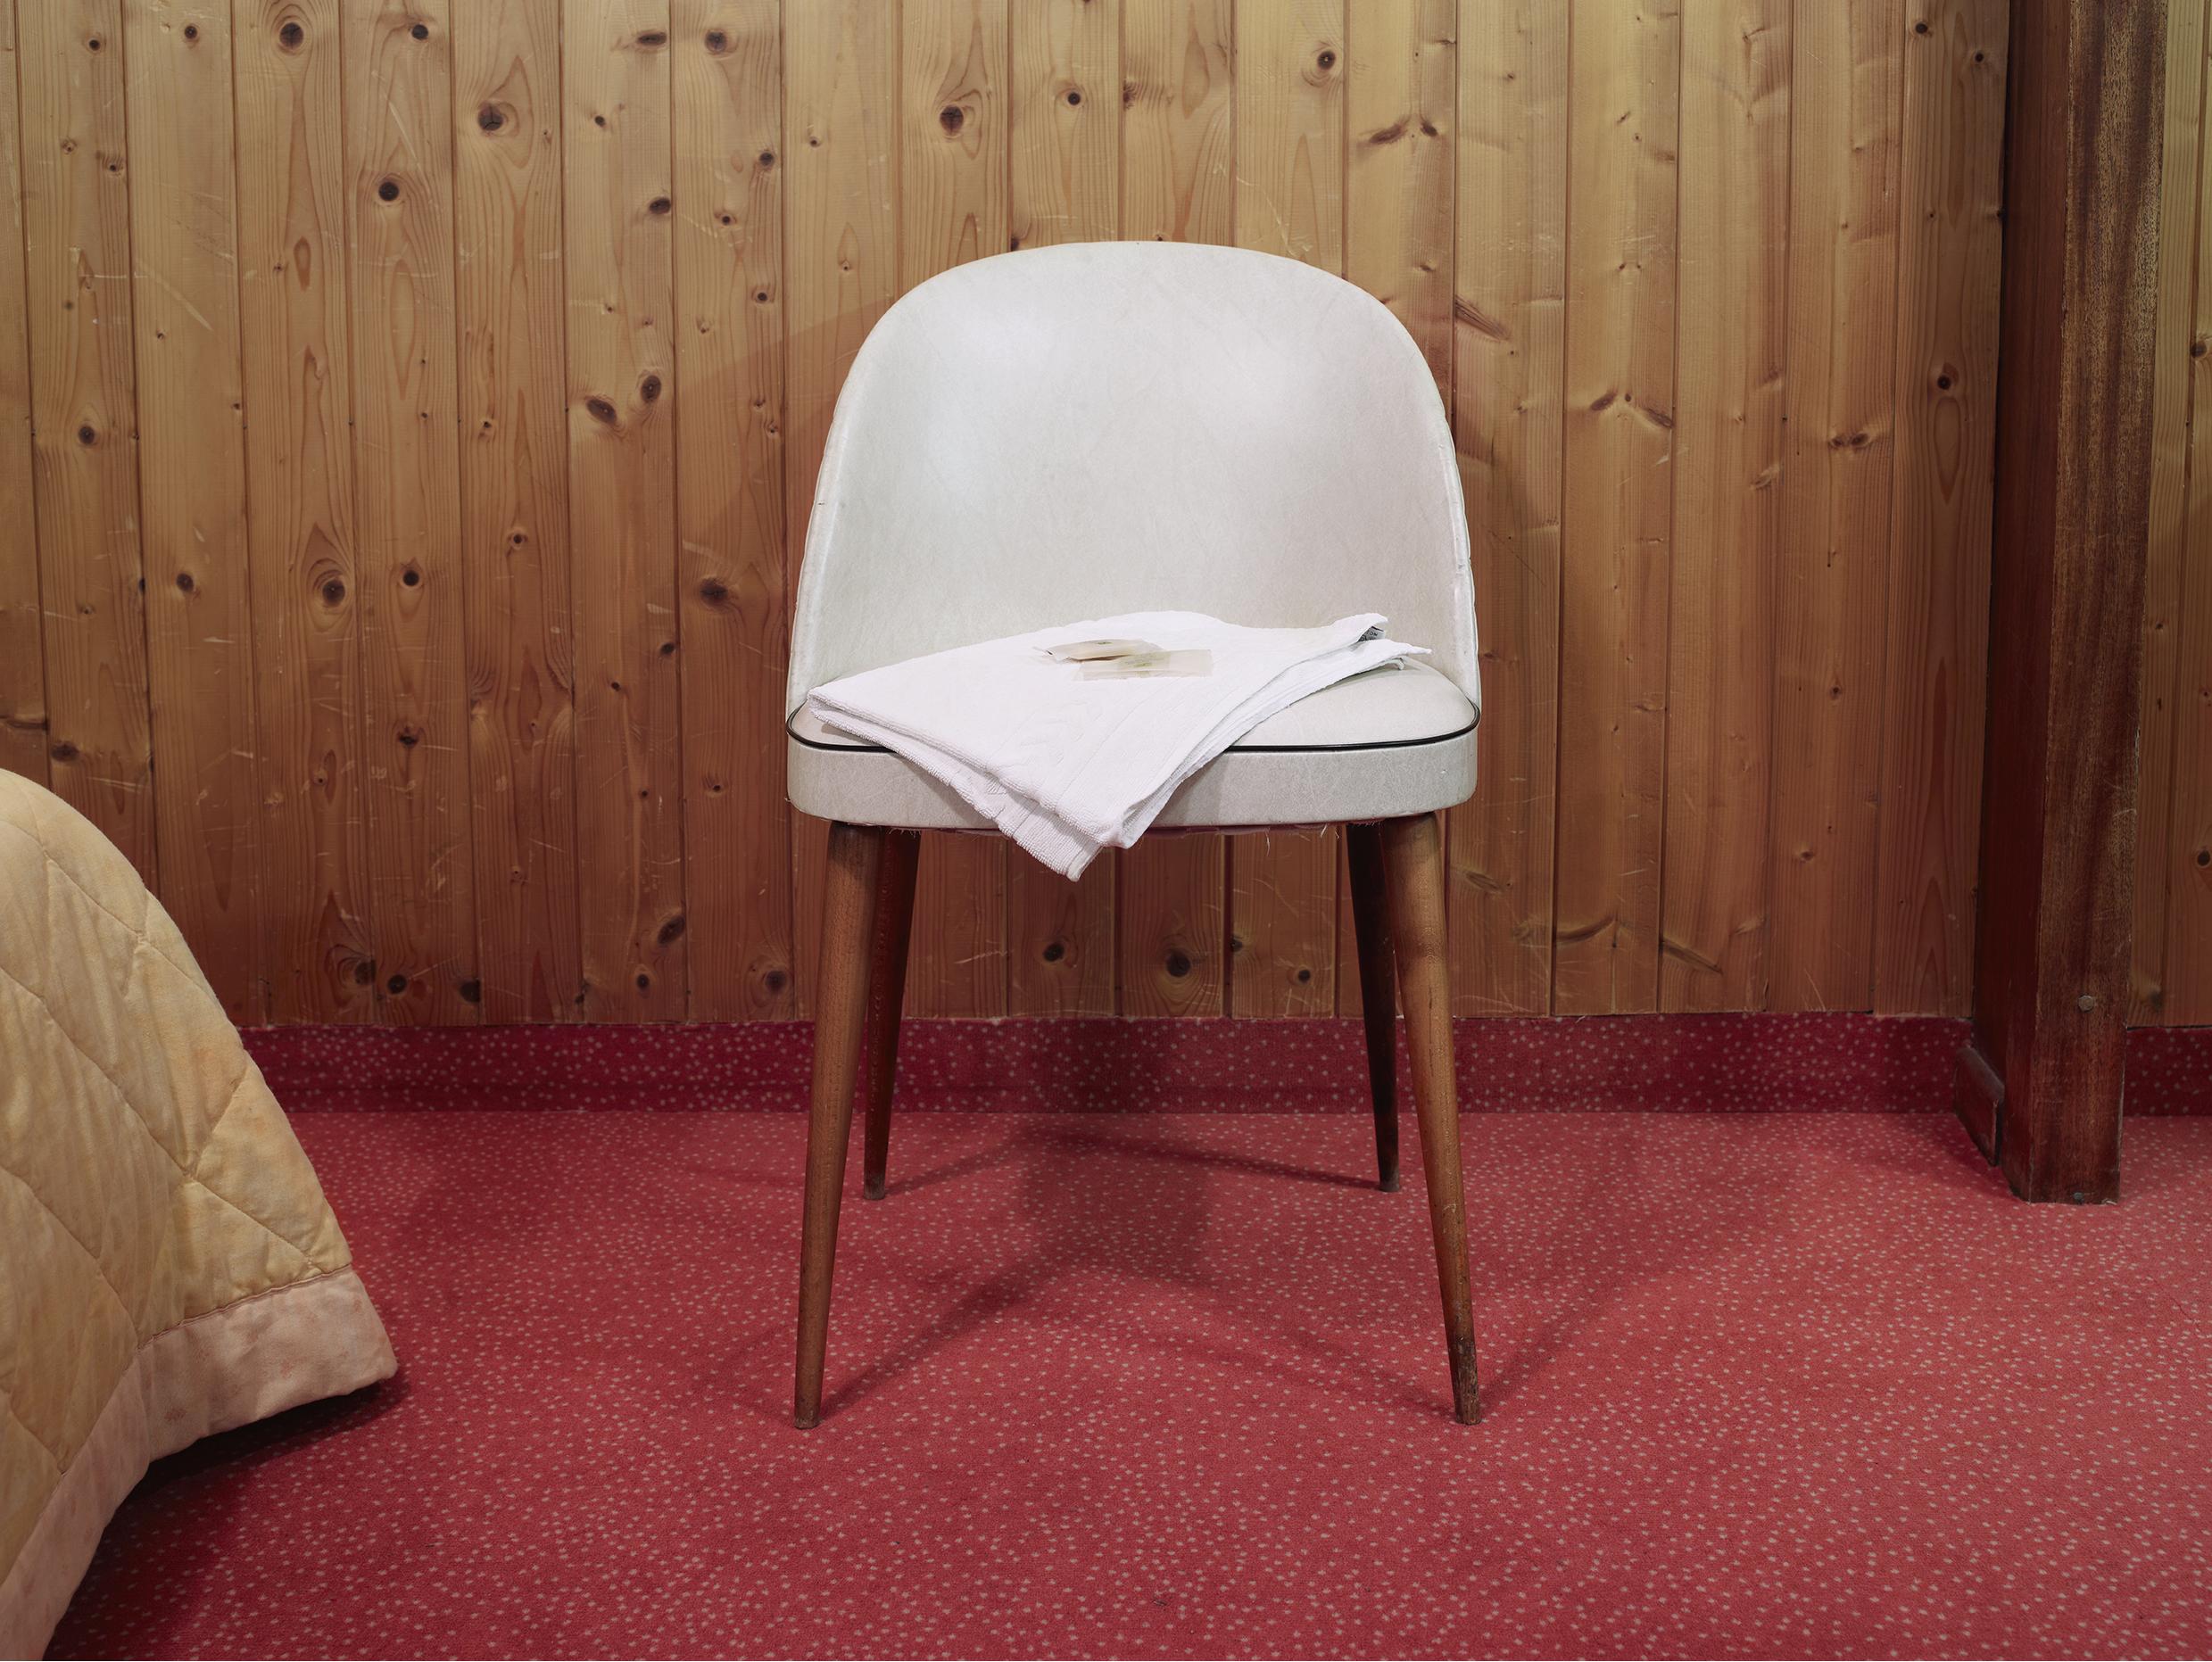 Chaise, serviette, savon. Hôtel La Petite Chaumière, La Duforte, Col de la Faucille.